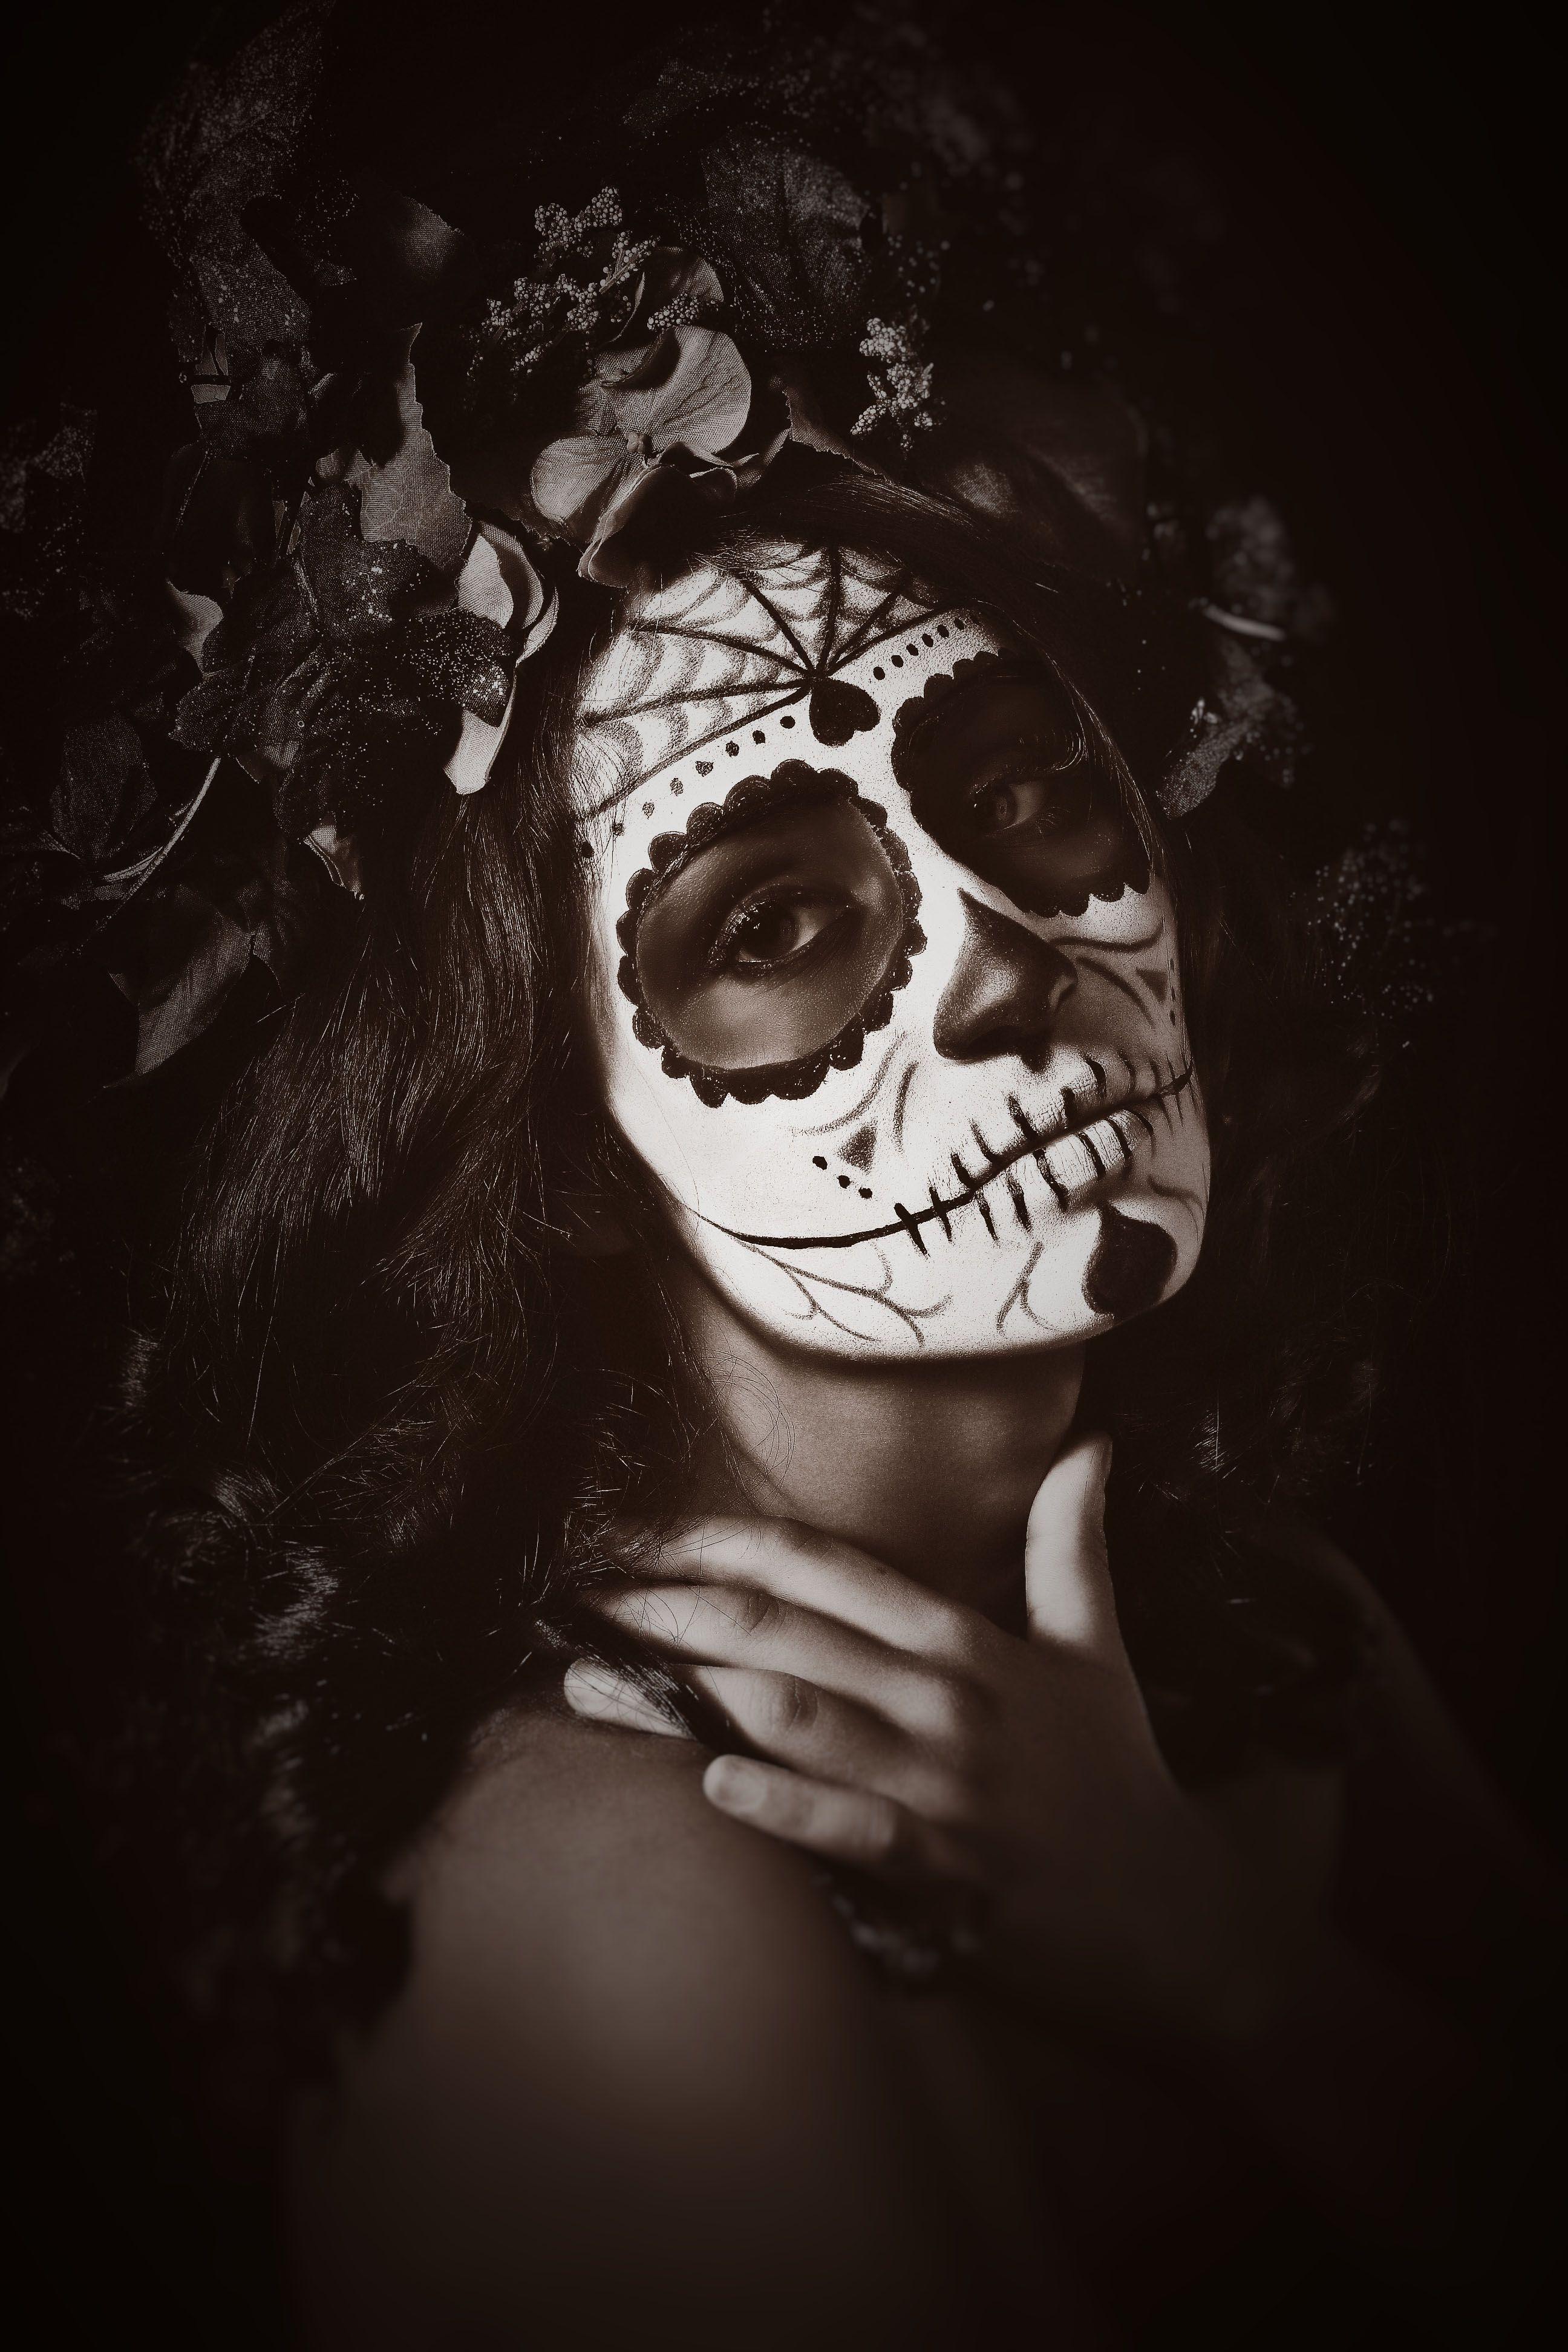 #photography #dia de los muertos